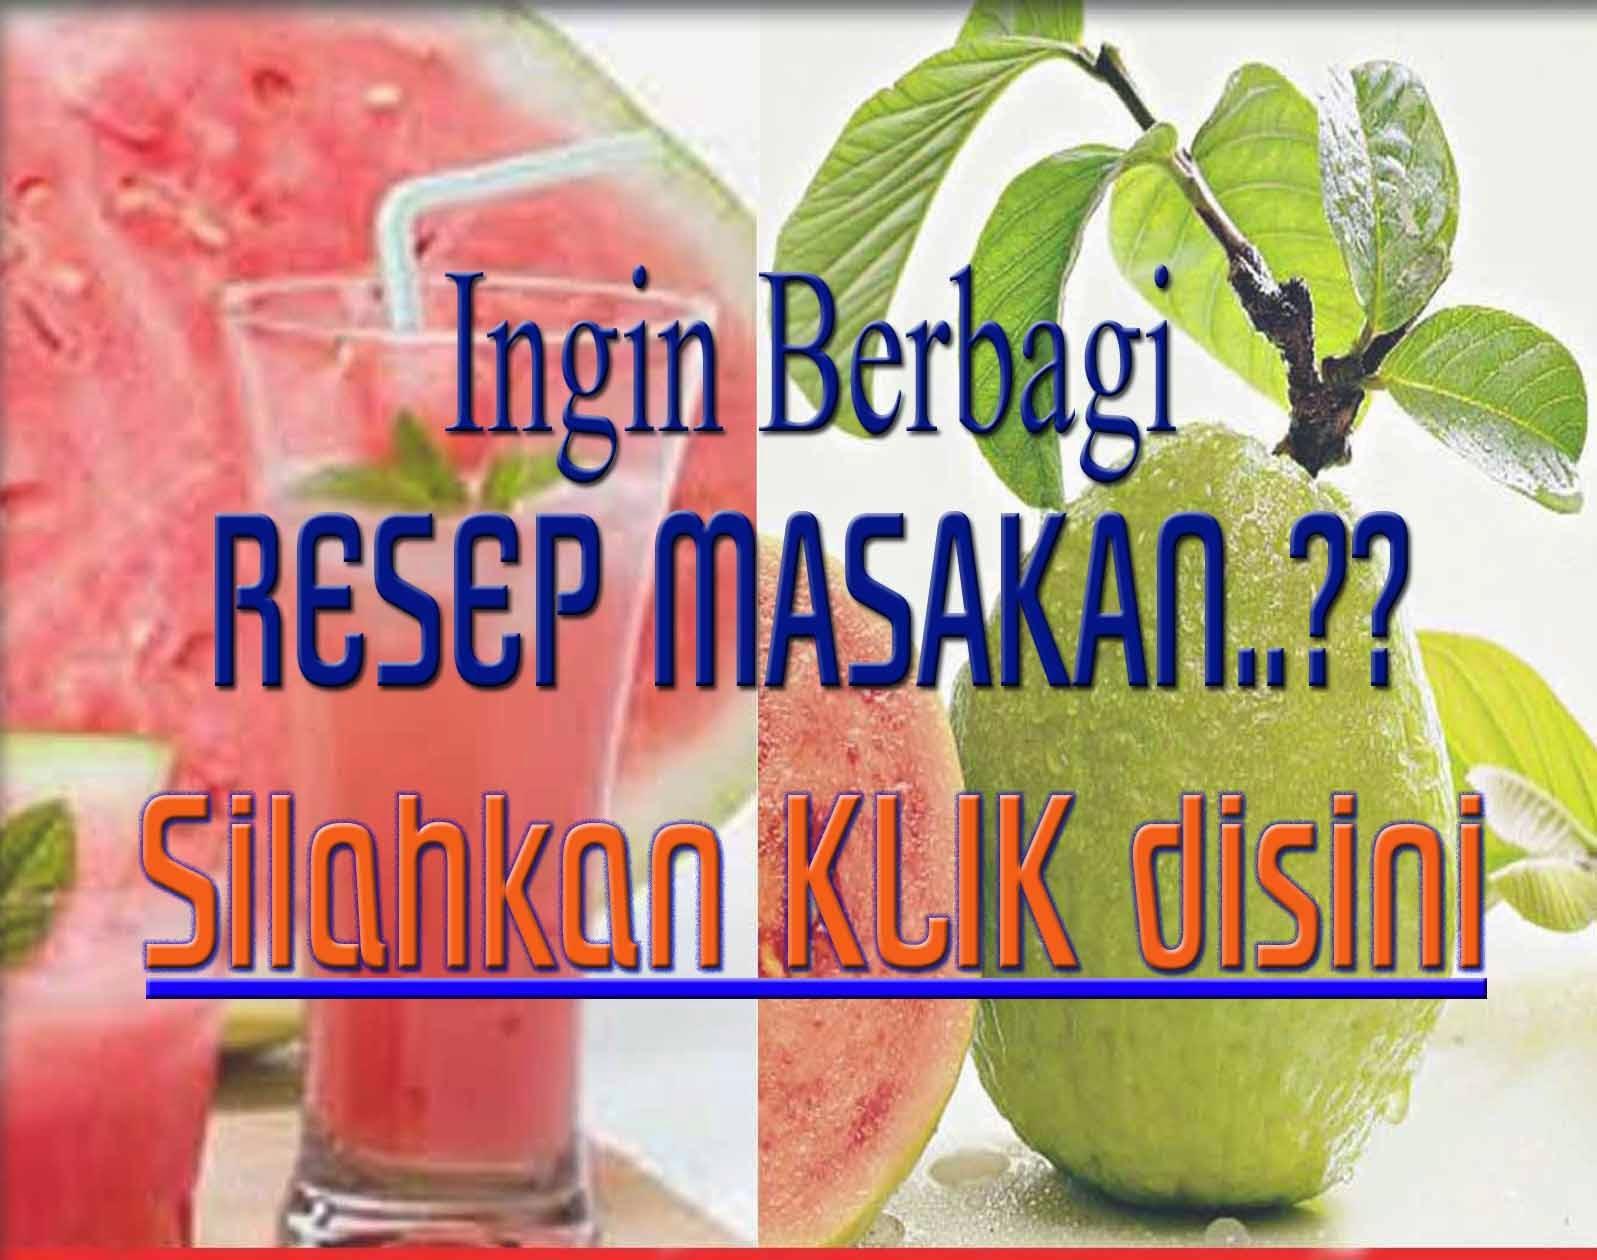 Kirim Resep